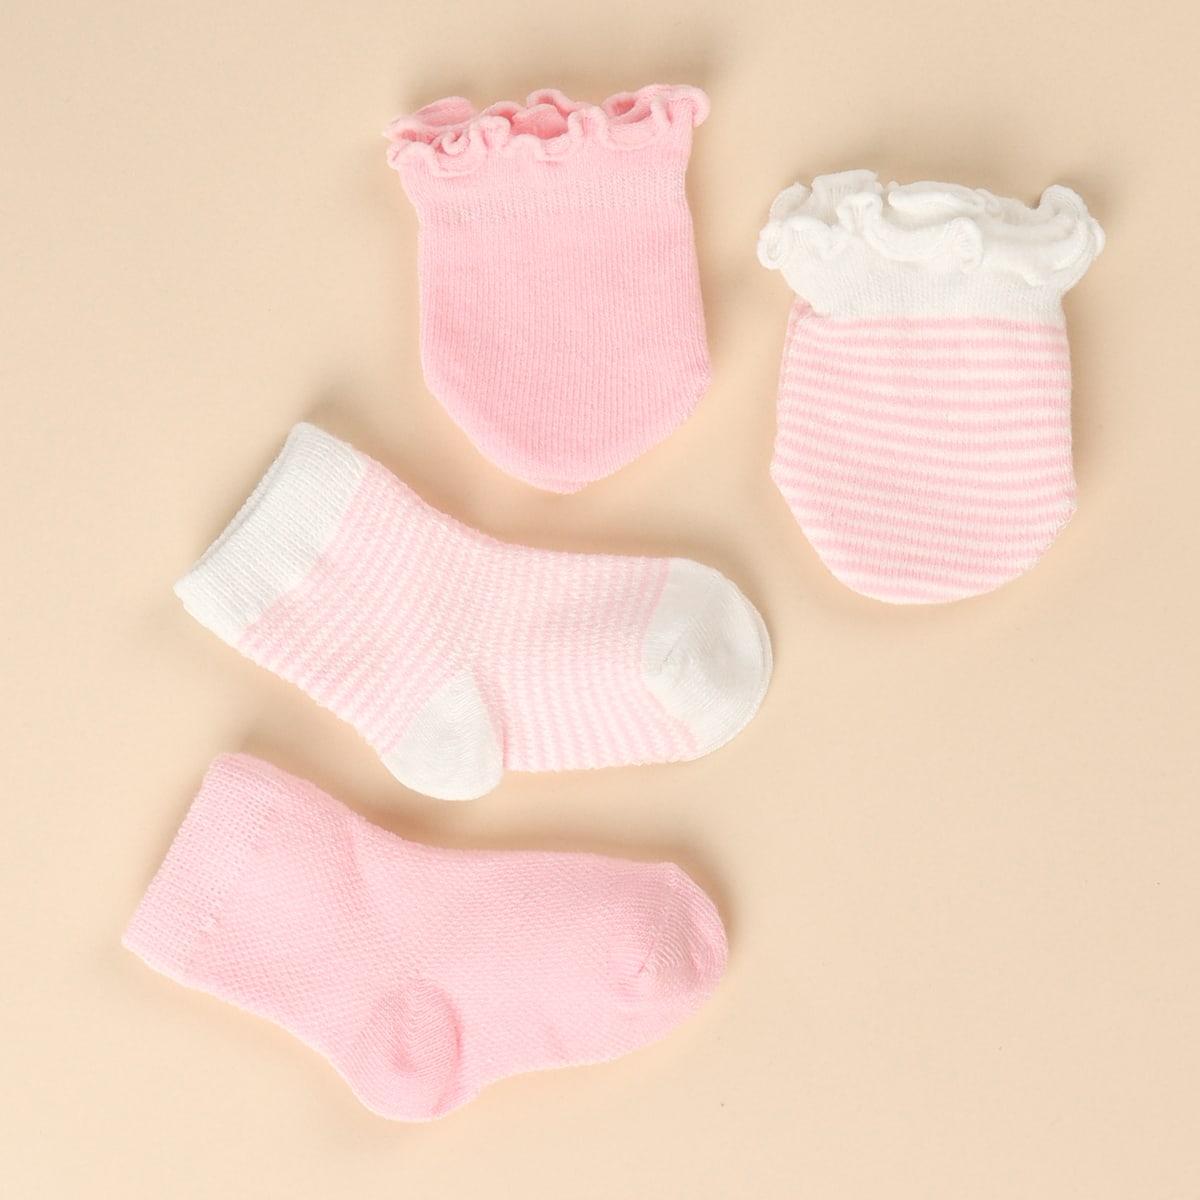 Детские анти-царапины мягкие носки перчатки 4 пары фото